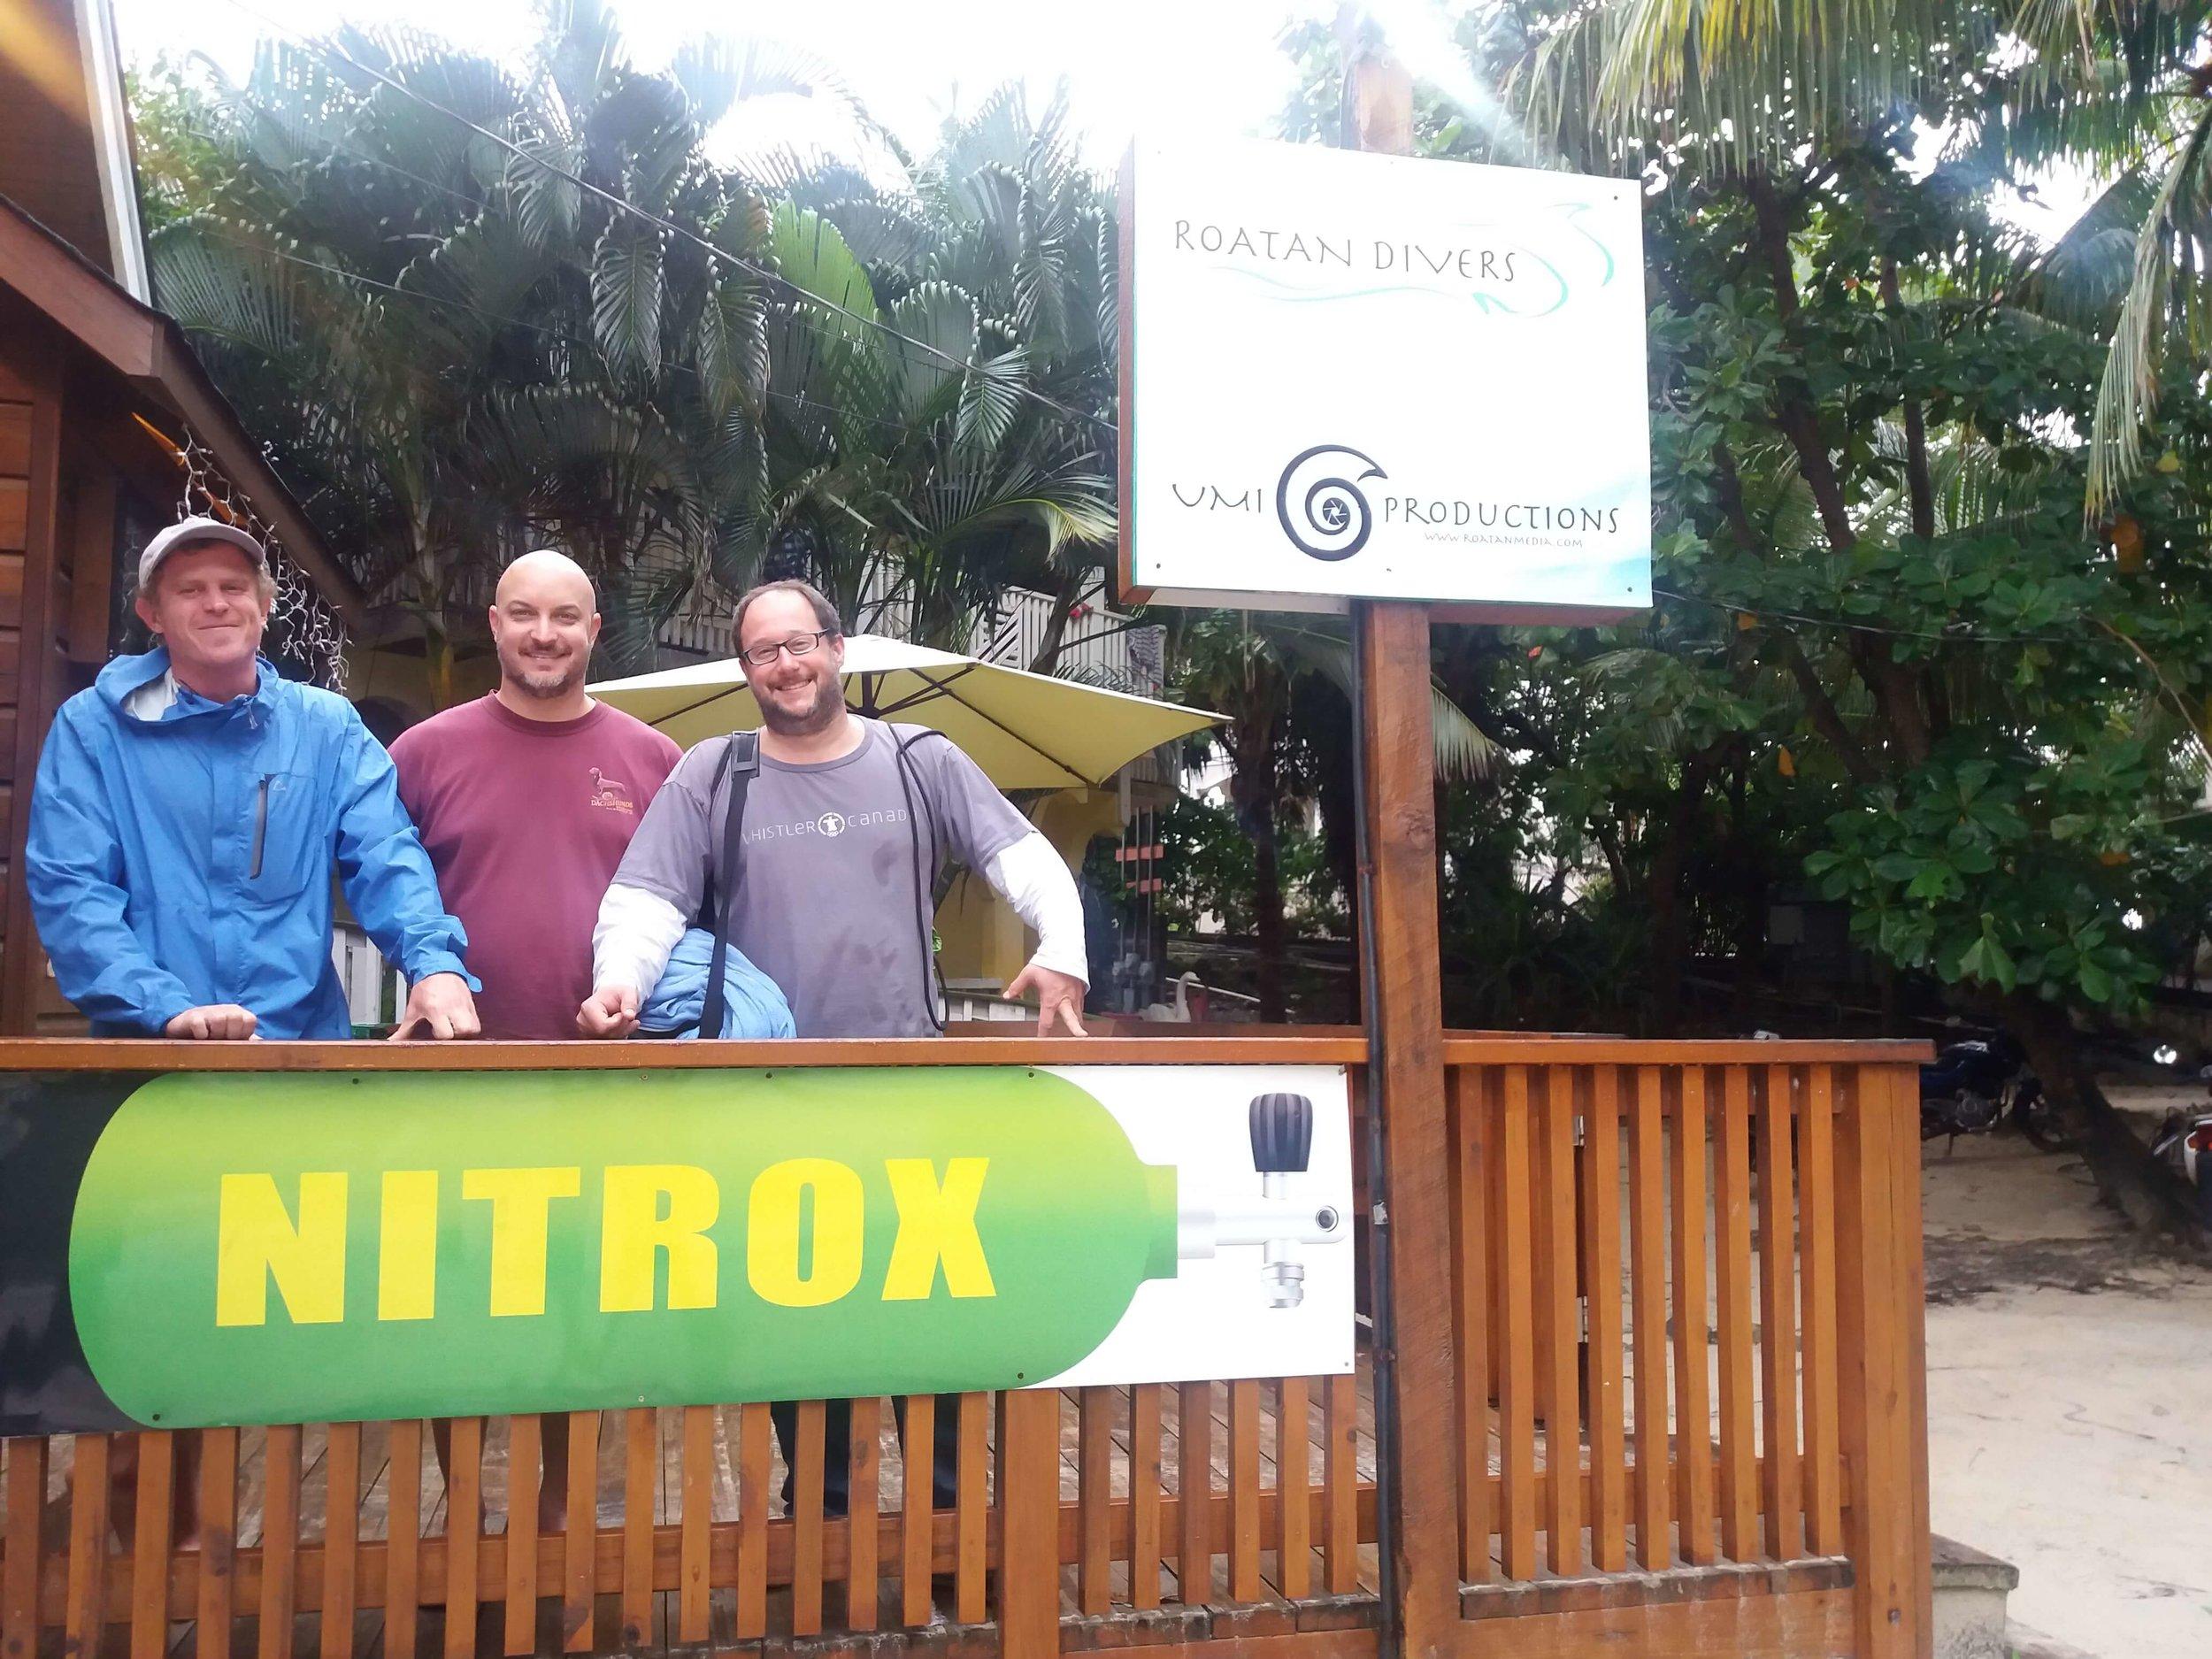 Enriched Air Nitrox Roatan Divers